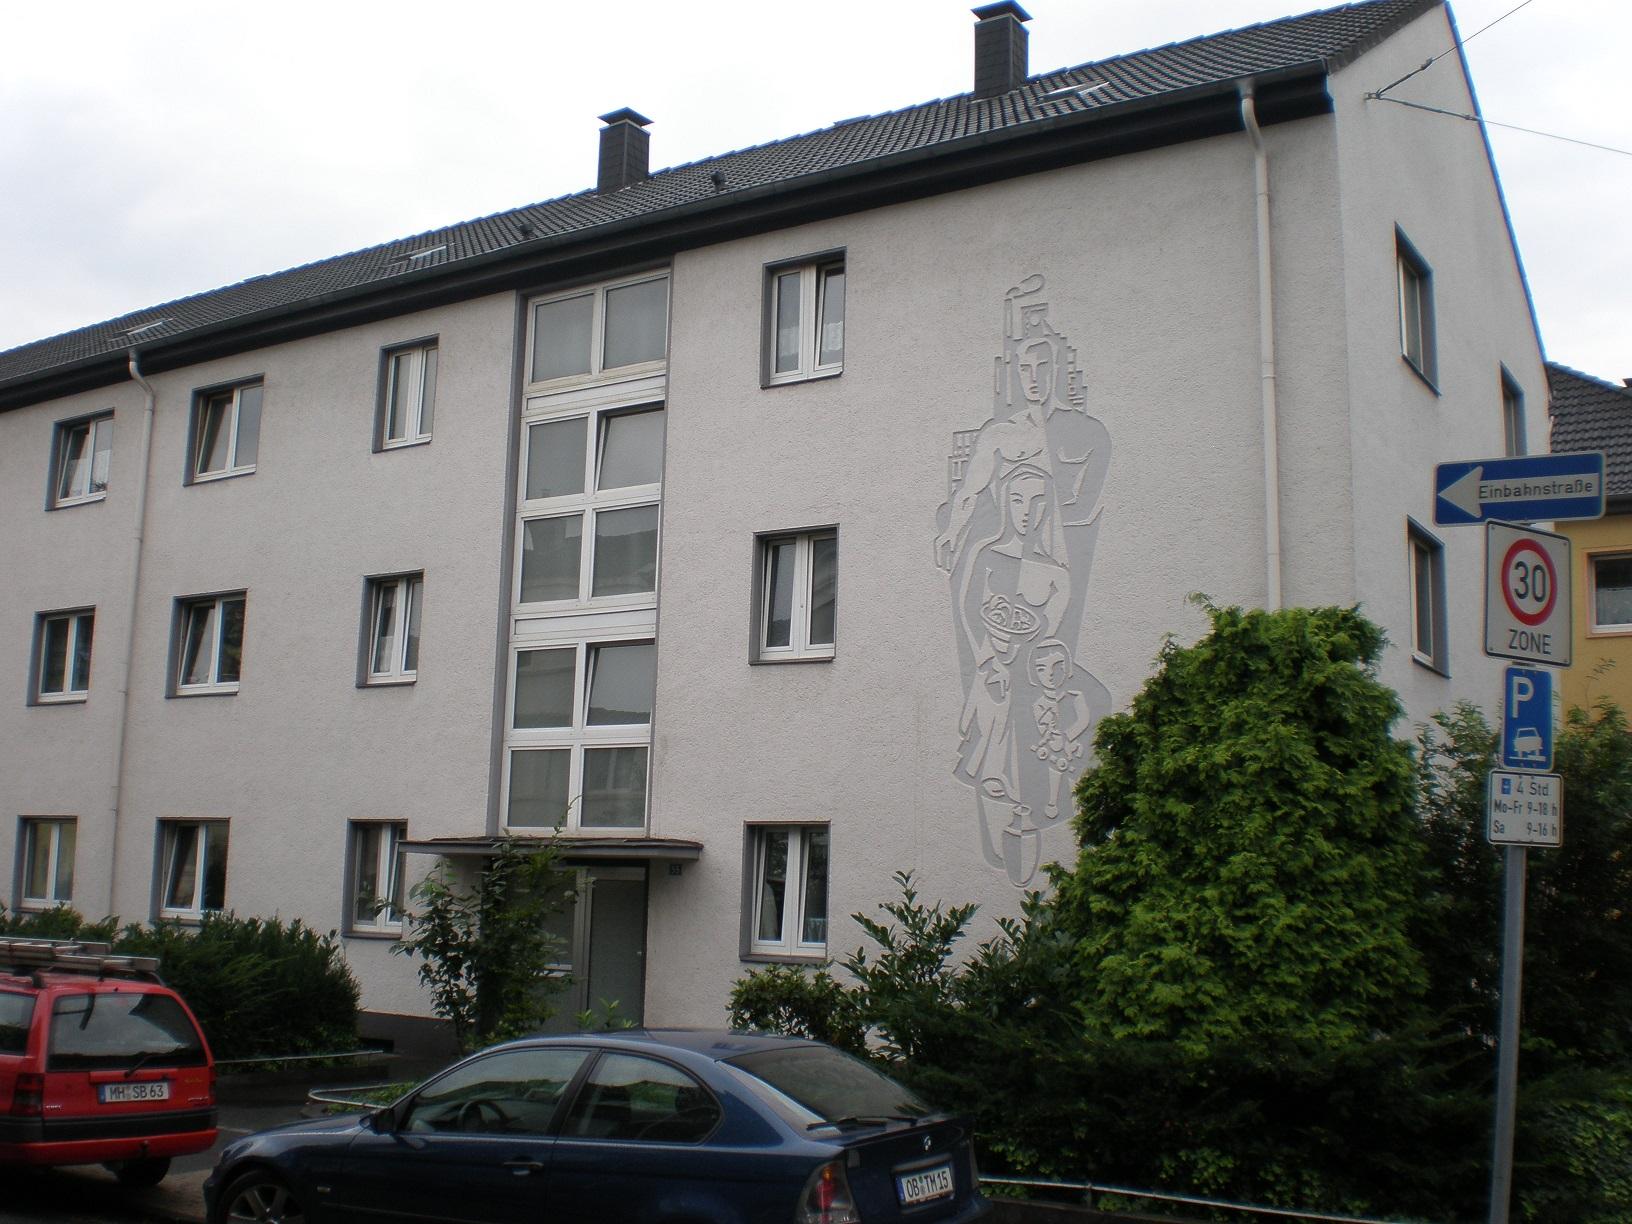 Dachgeschoss Oberhausen